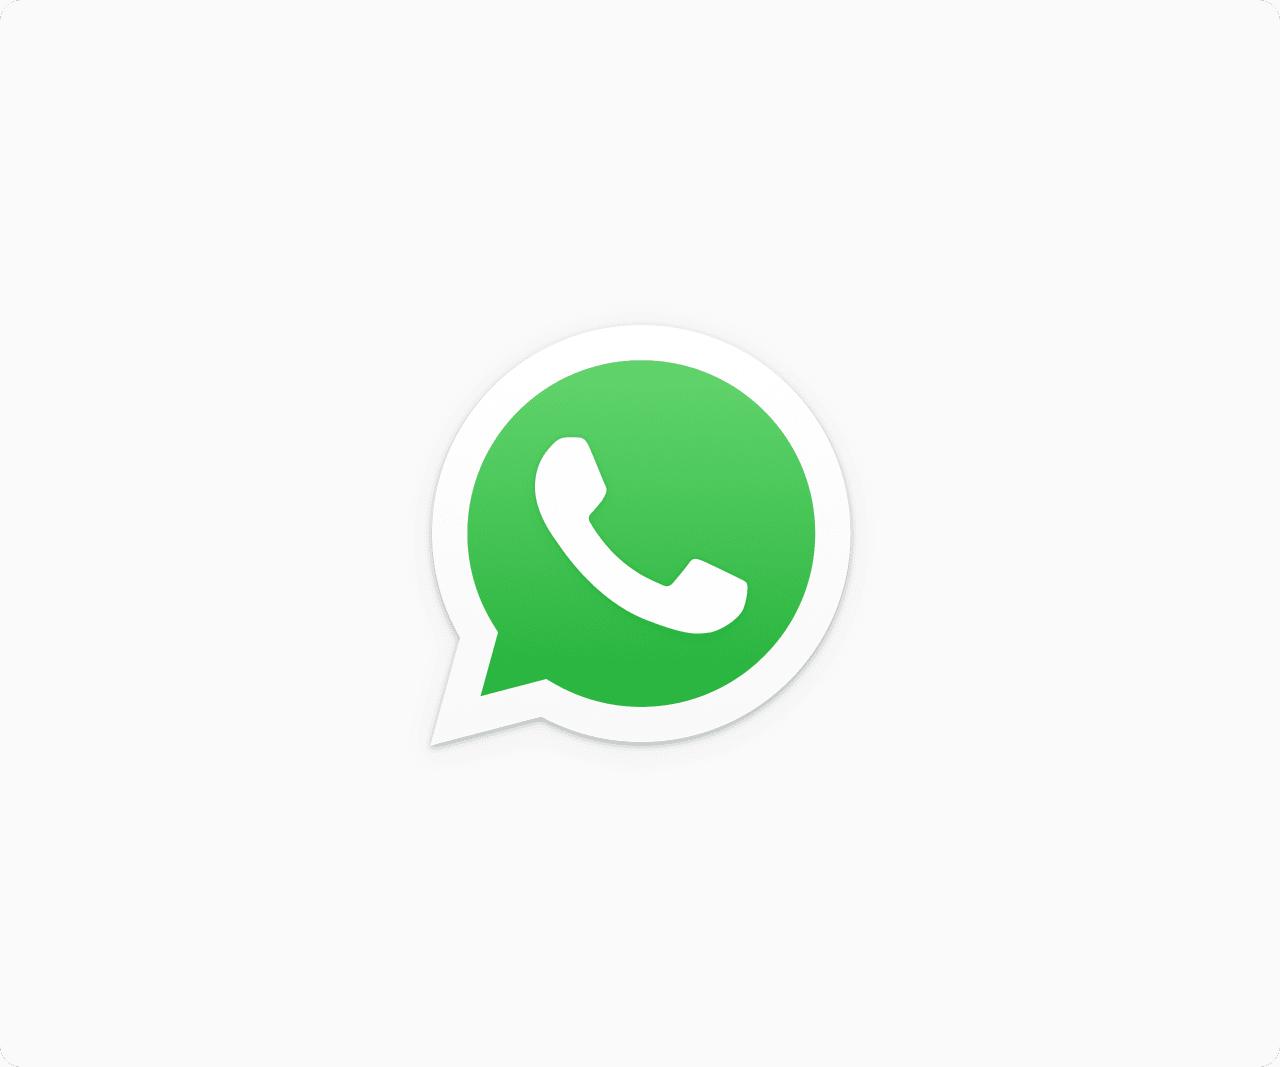 כפתור WhatsApp